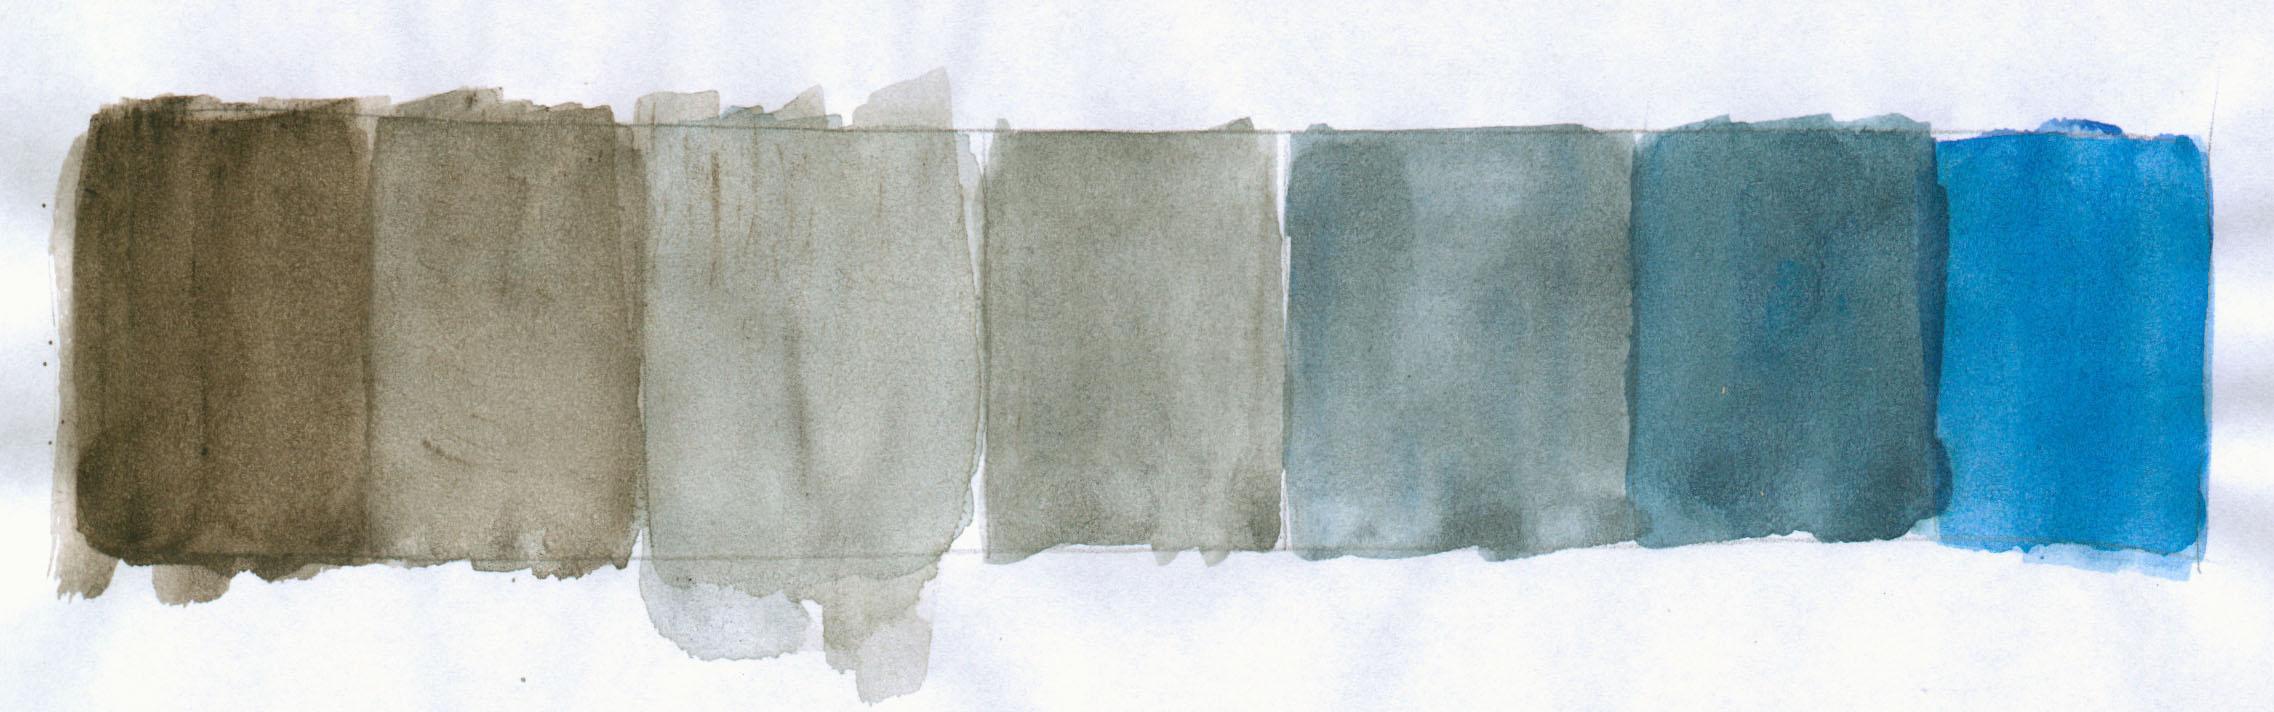 Couleurs compl mentaires du gris fashion designs - Couleurs complementaires du gris ...